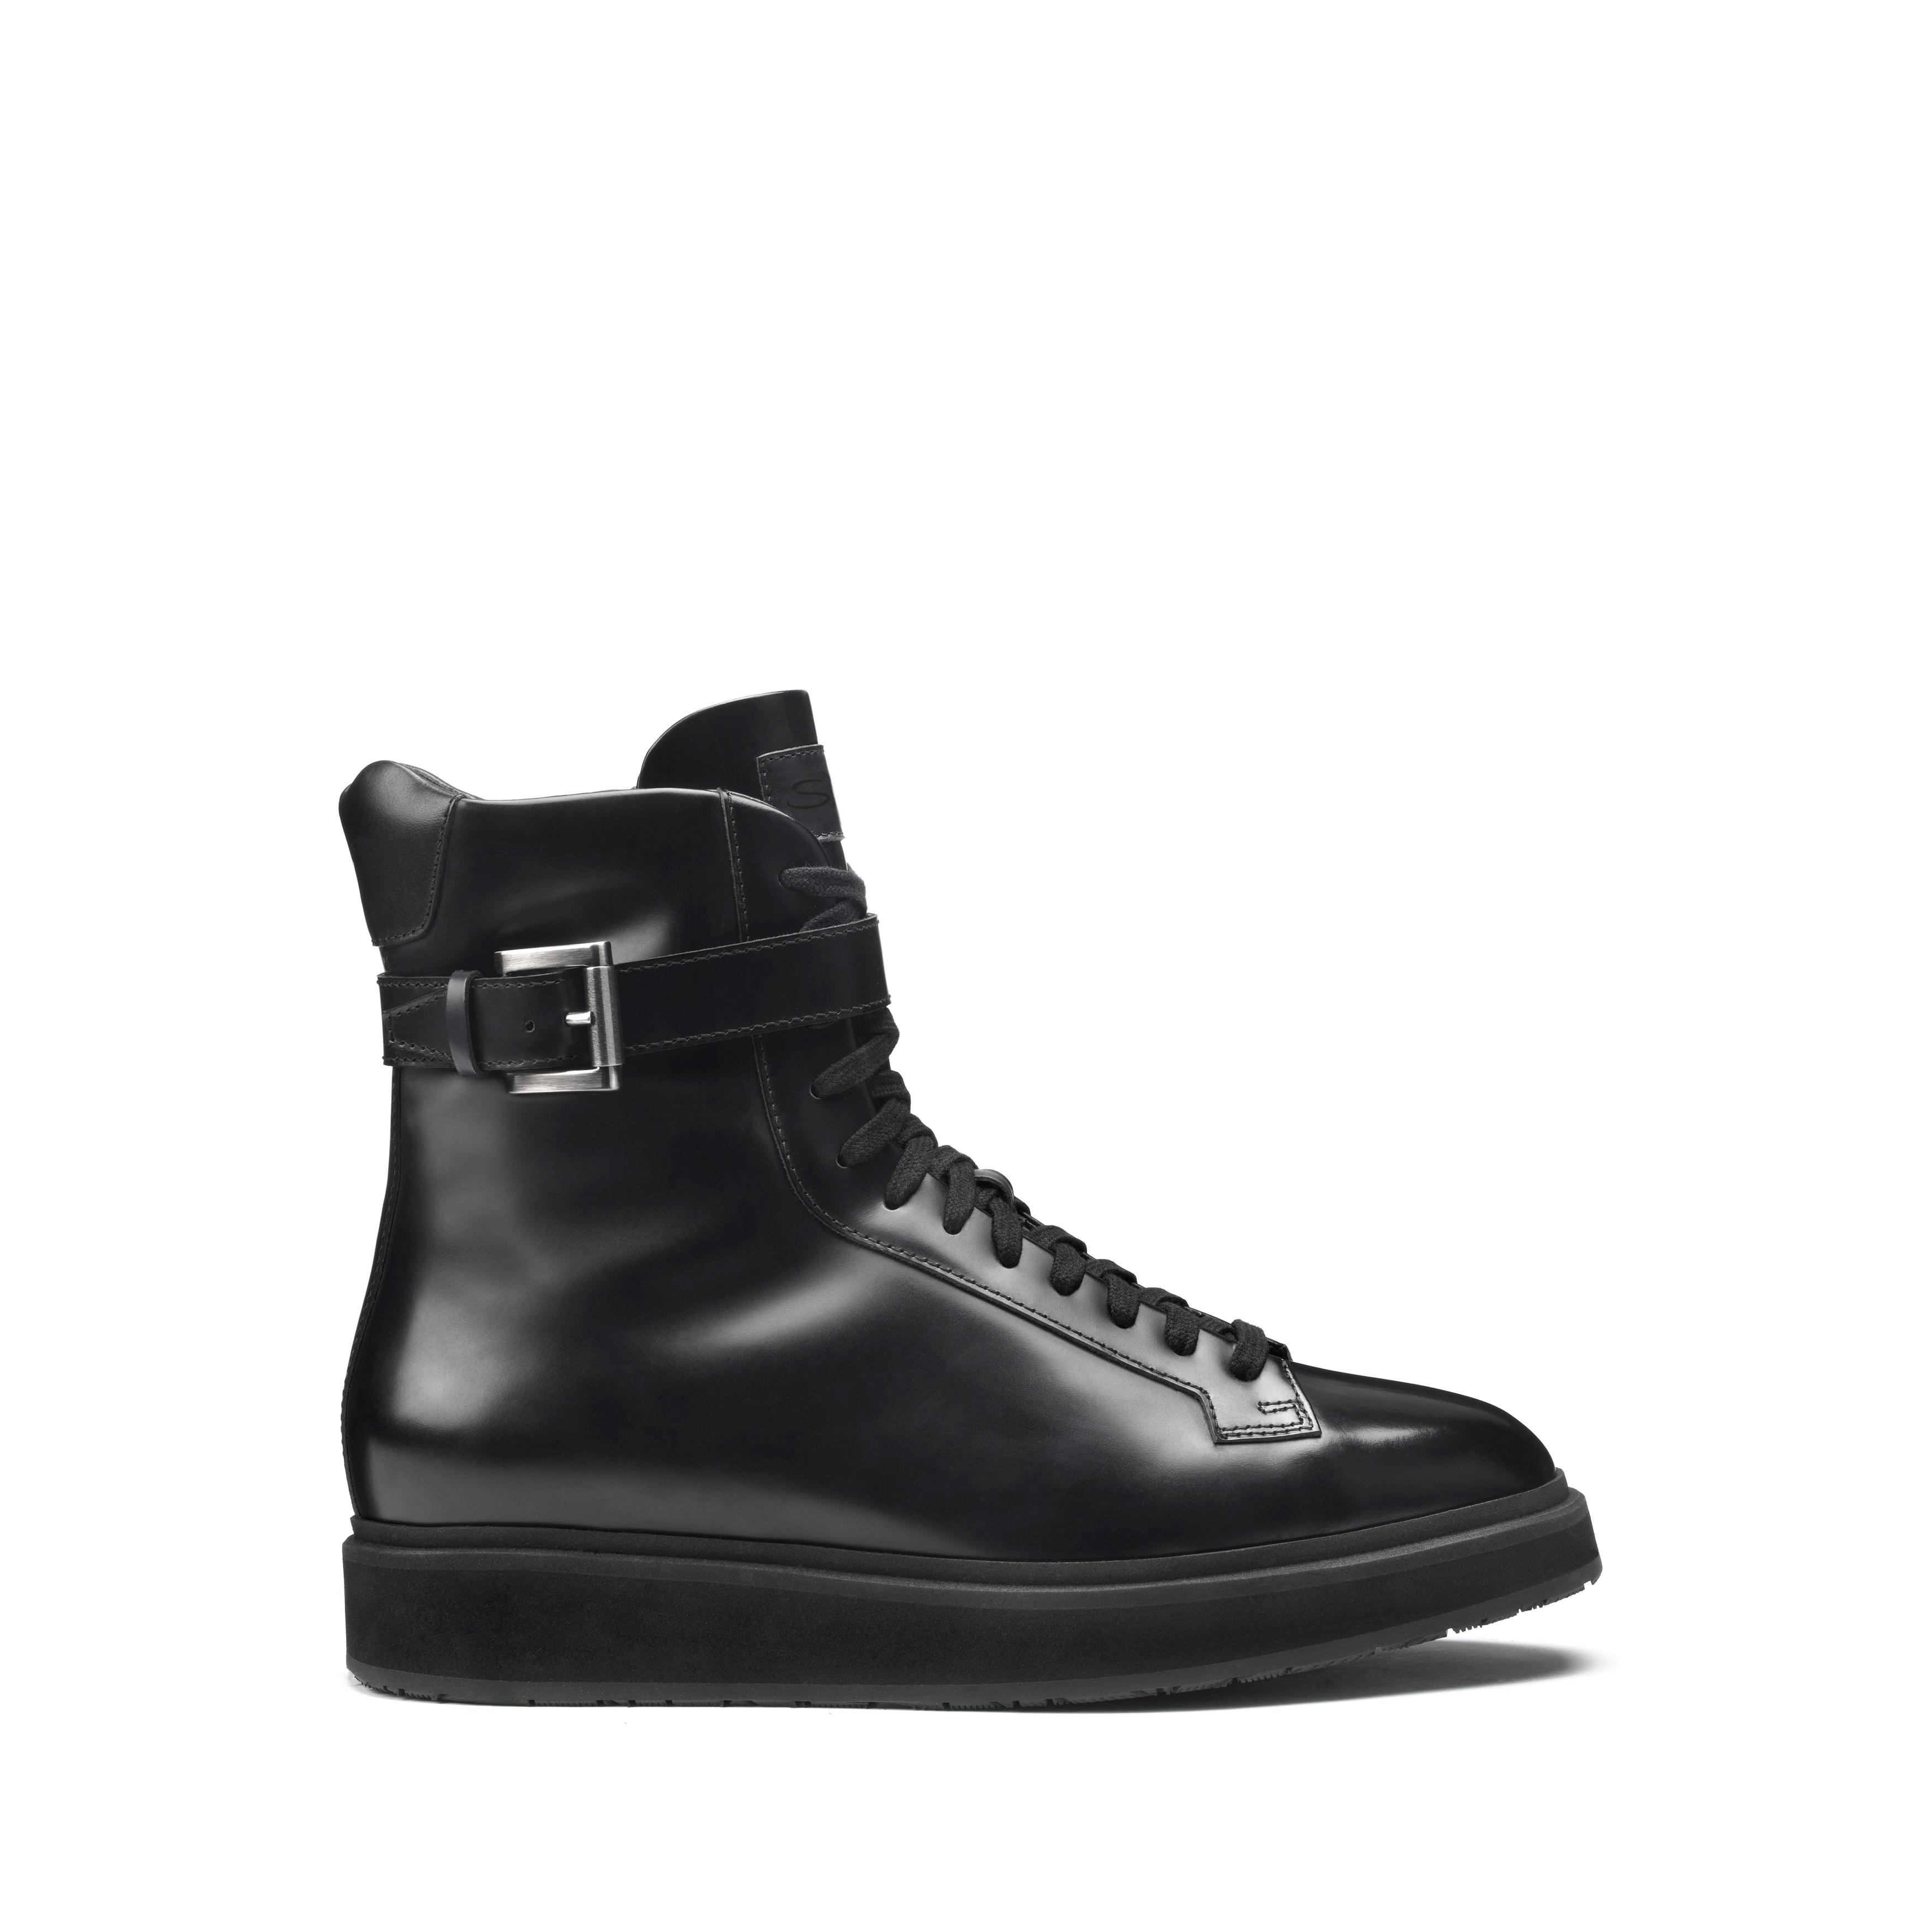 Scarpe autunno inverno 2018 2019 la collezione di santoni for Nuove collezioni scarpe autunno inverno